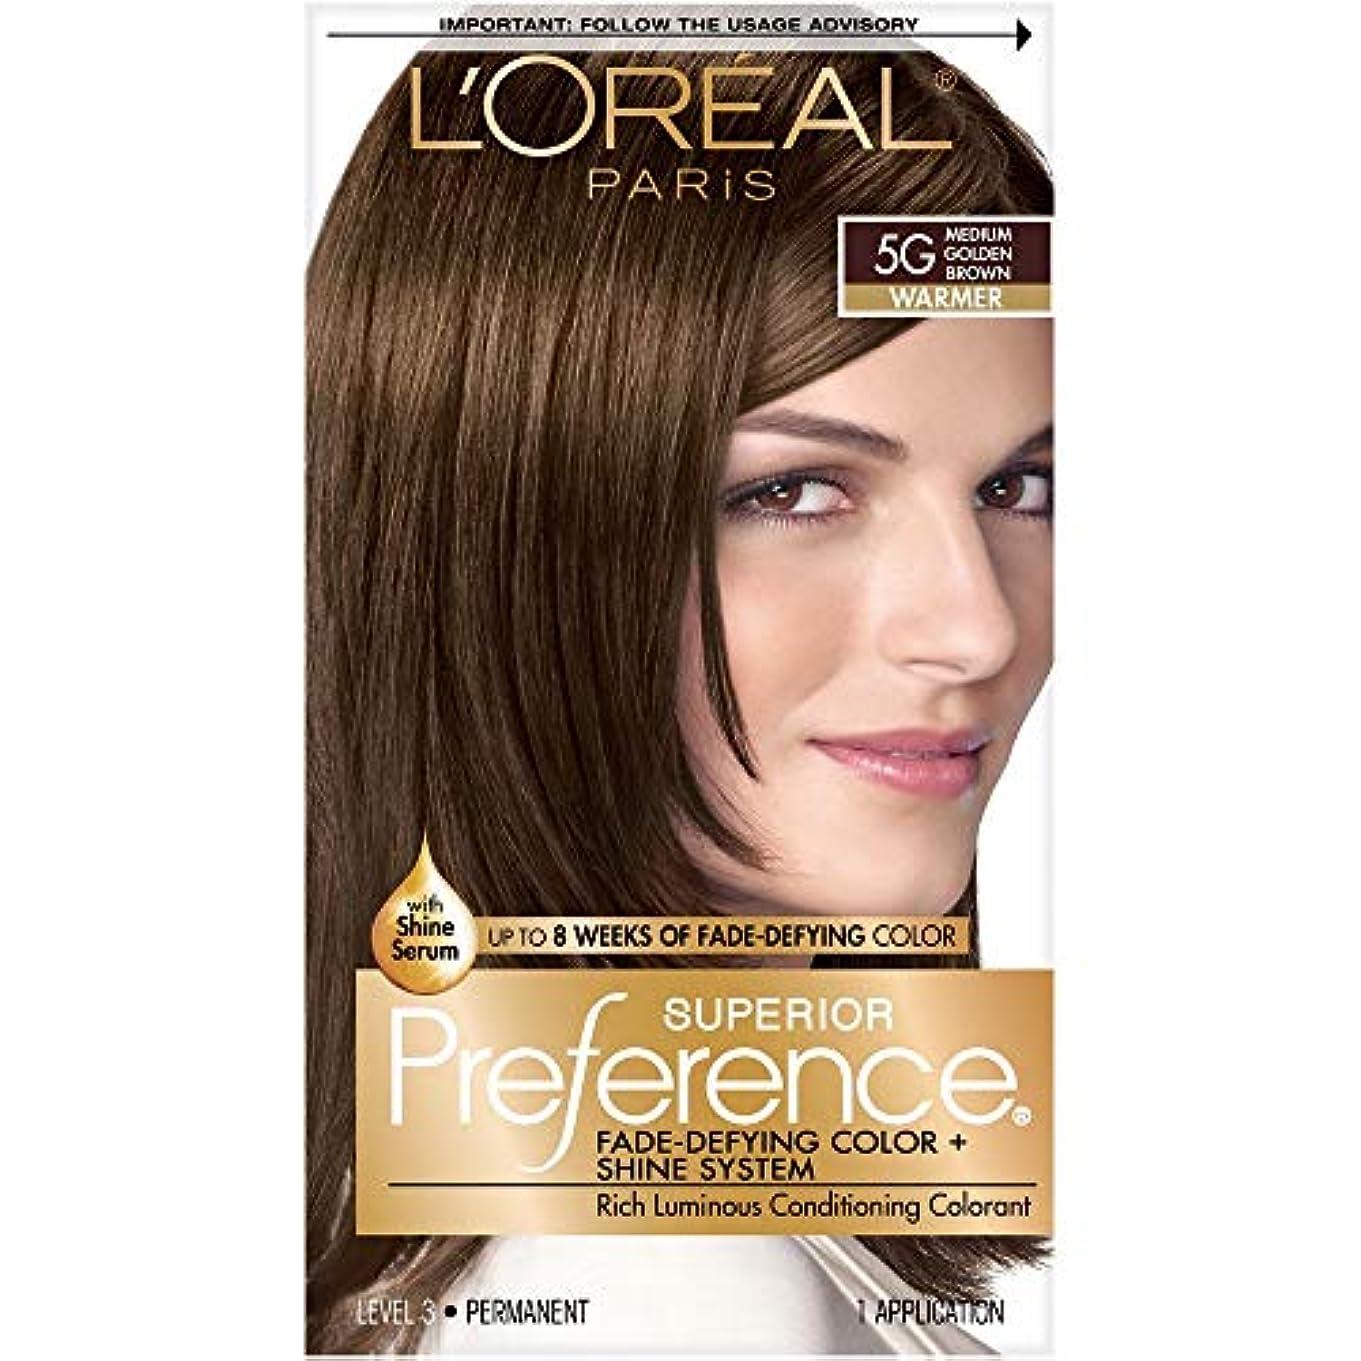 熱心な伝統的水分海外直送肘 LOreal Superior Preference Hair Color 5G Medium Golden Brown, Medium Golden Brown 1 each